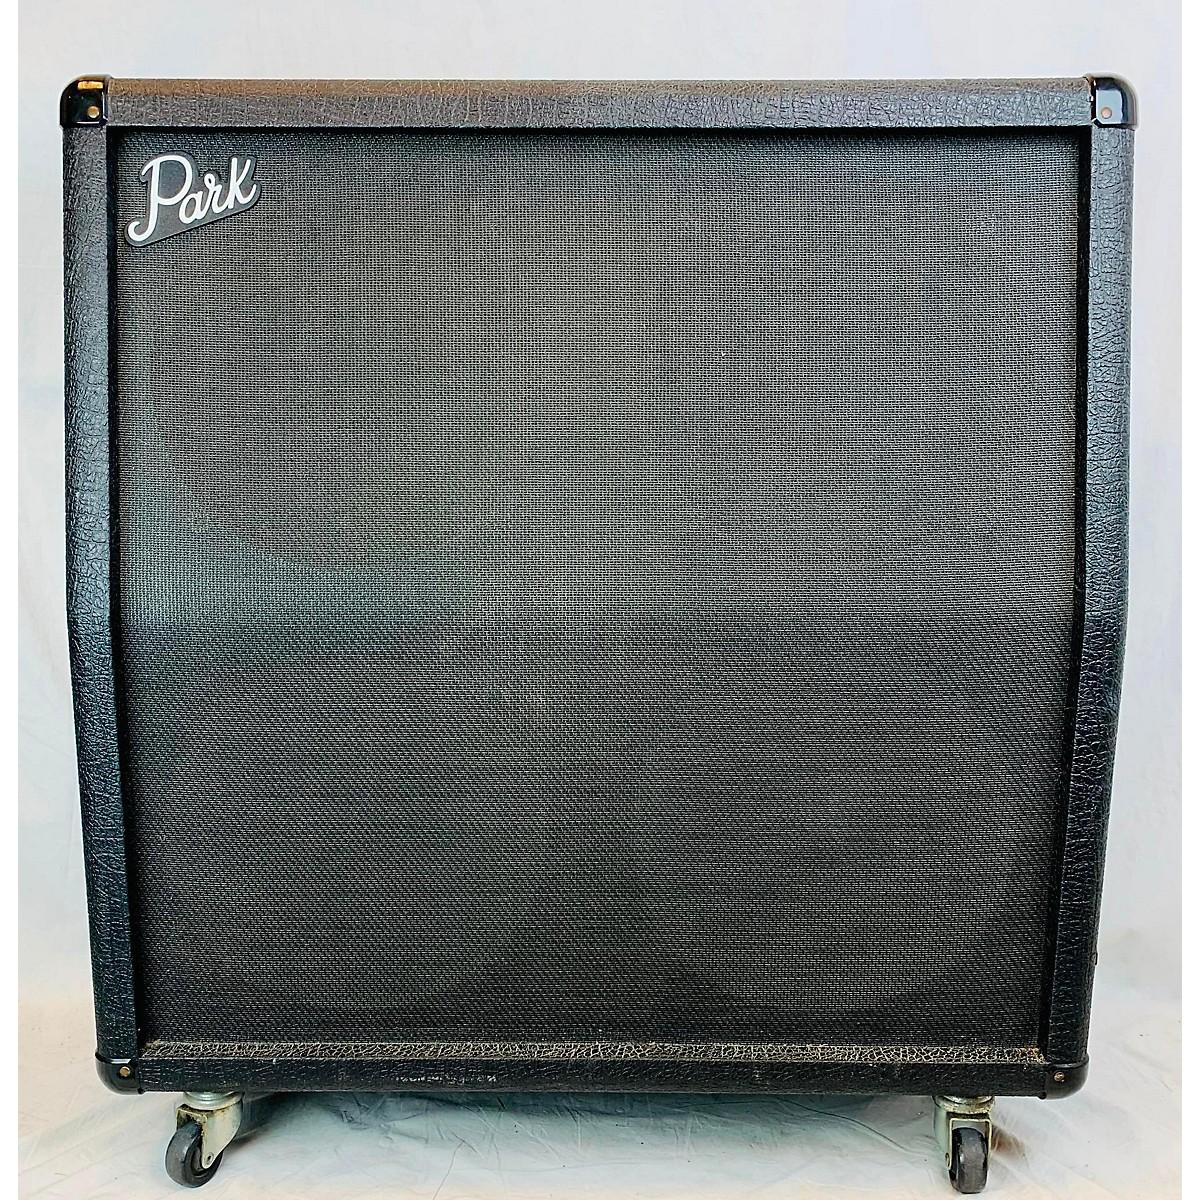 Park Amplifiers G412A Guitar Cabinet